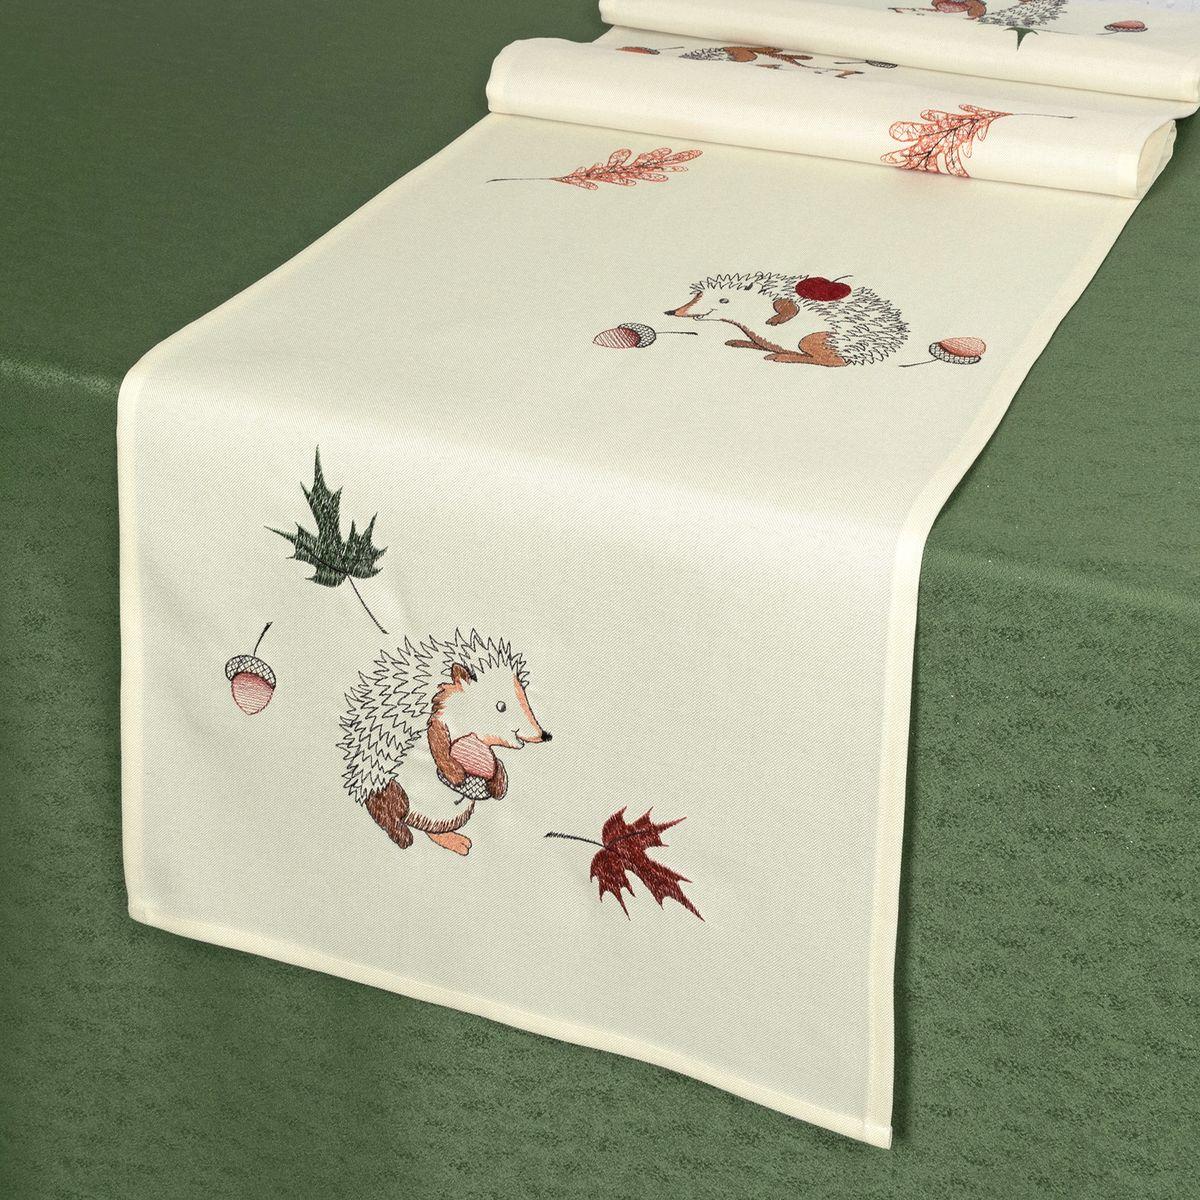 Дорожка для декорирования стола Schaefer , 40 х 140 см, цвет: белый. 07788-211VT-1520(SR)Дорожка для декорирования стола Schaefer может быть использована, как основной элемент, так и дополнение для создания уюта и романтического настроения.Дорожка выполнена из полиэстера. Изделие легко стирать: оно не мнется, не садится и быстро сохнет, более долговечно, чем изделие из натуральных волокон.Материал: 100% полиэстер.Размер: 40 х 140 см